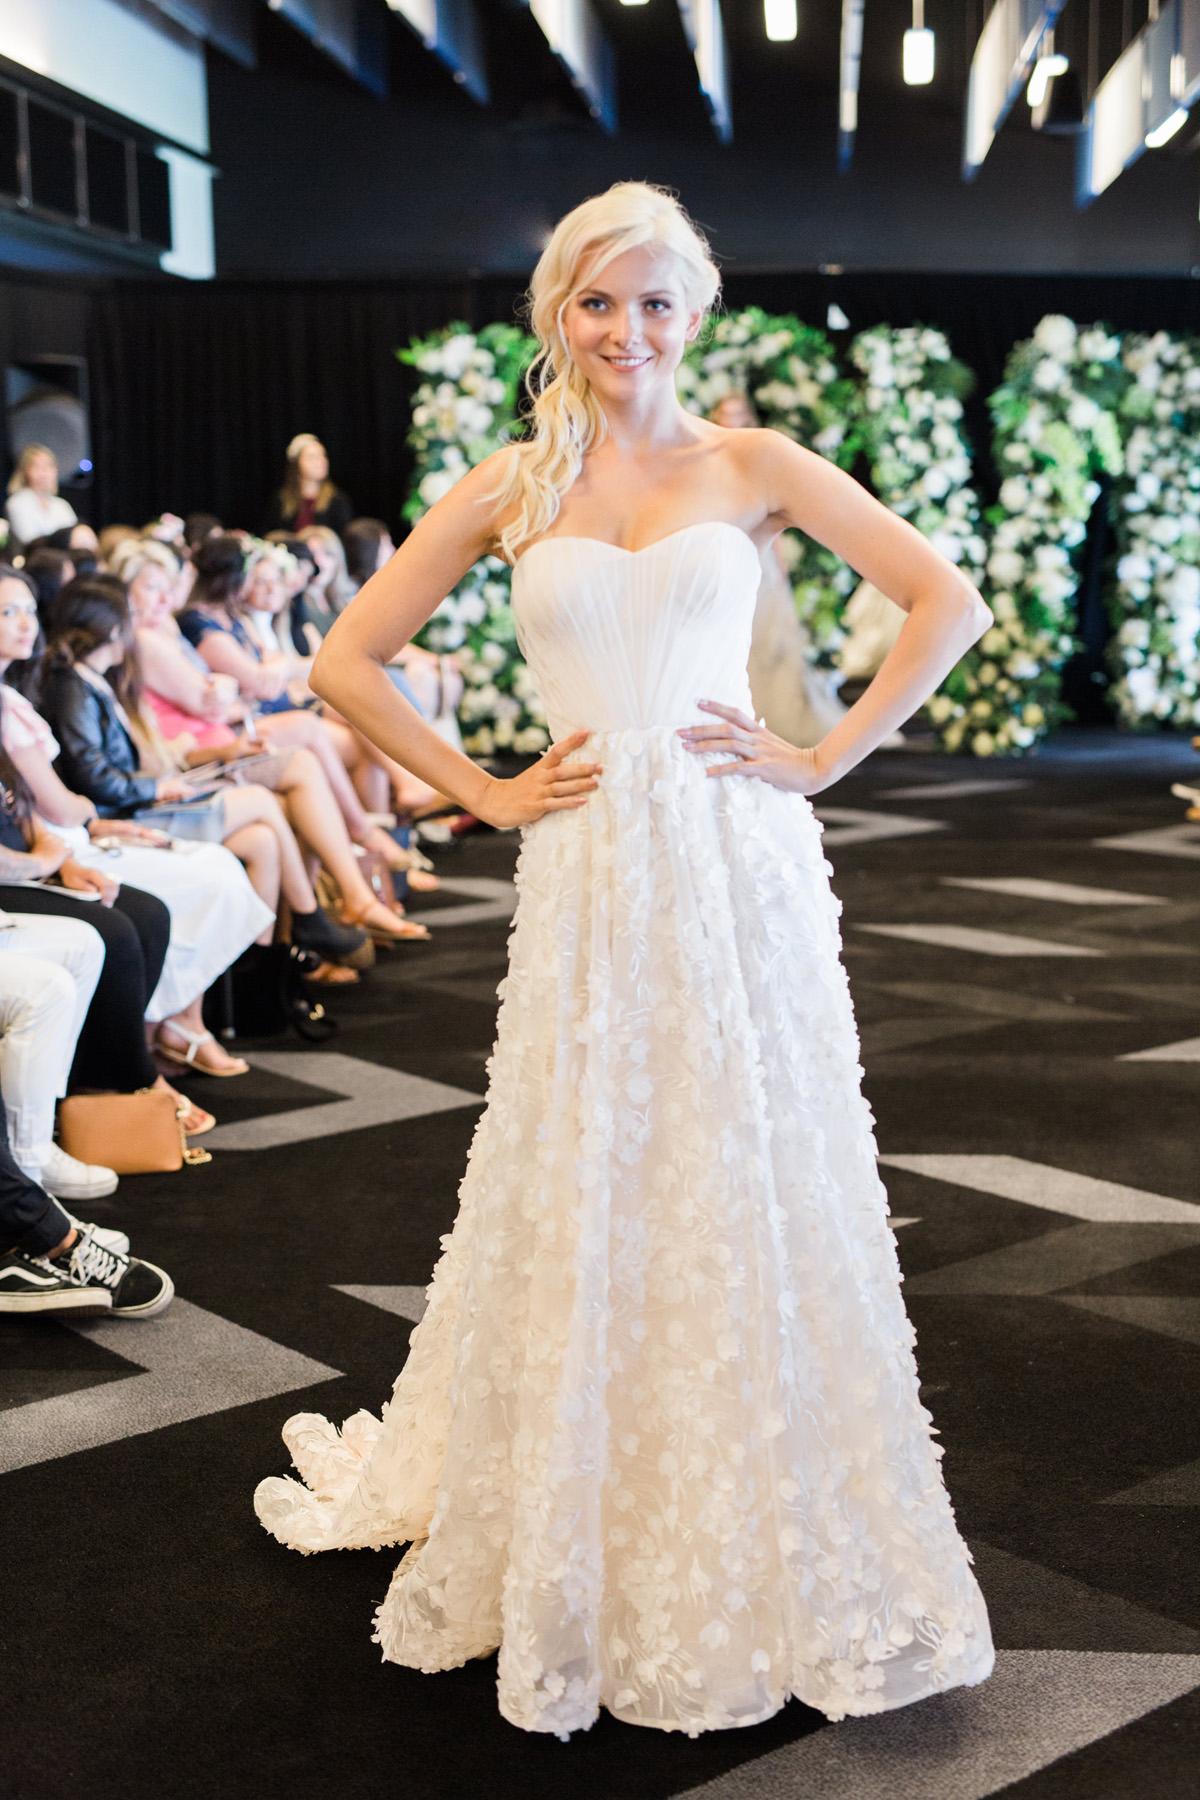 Love-Wedding-Festival-Sydney-Wedding-Gown-Angela-Osagie-5.jpg